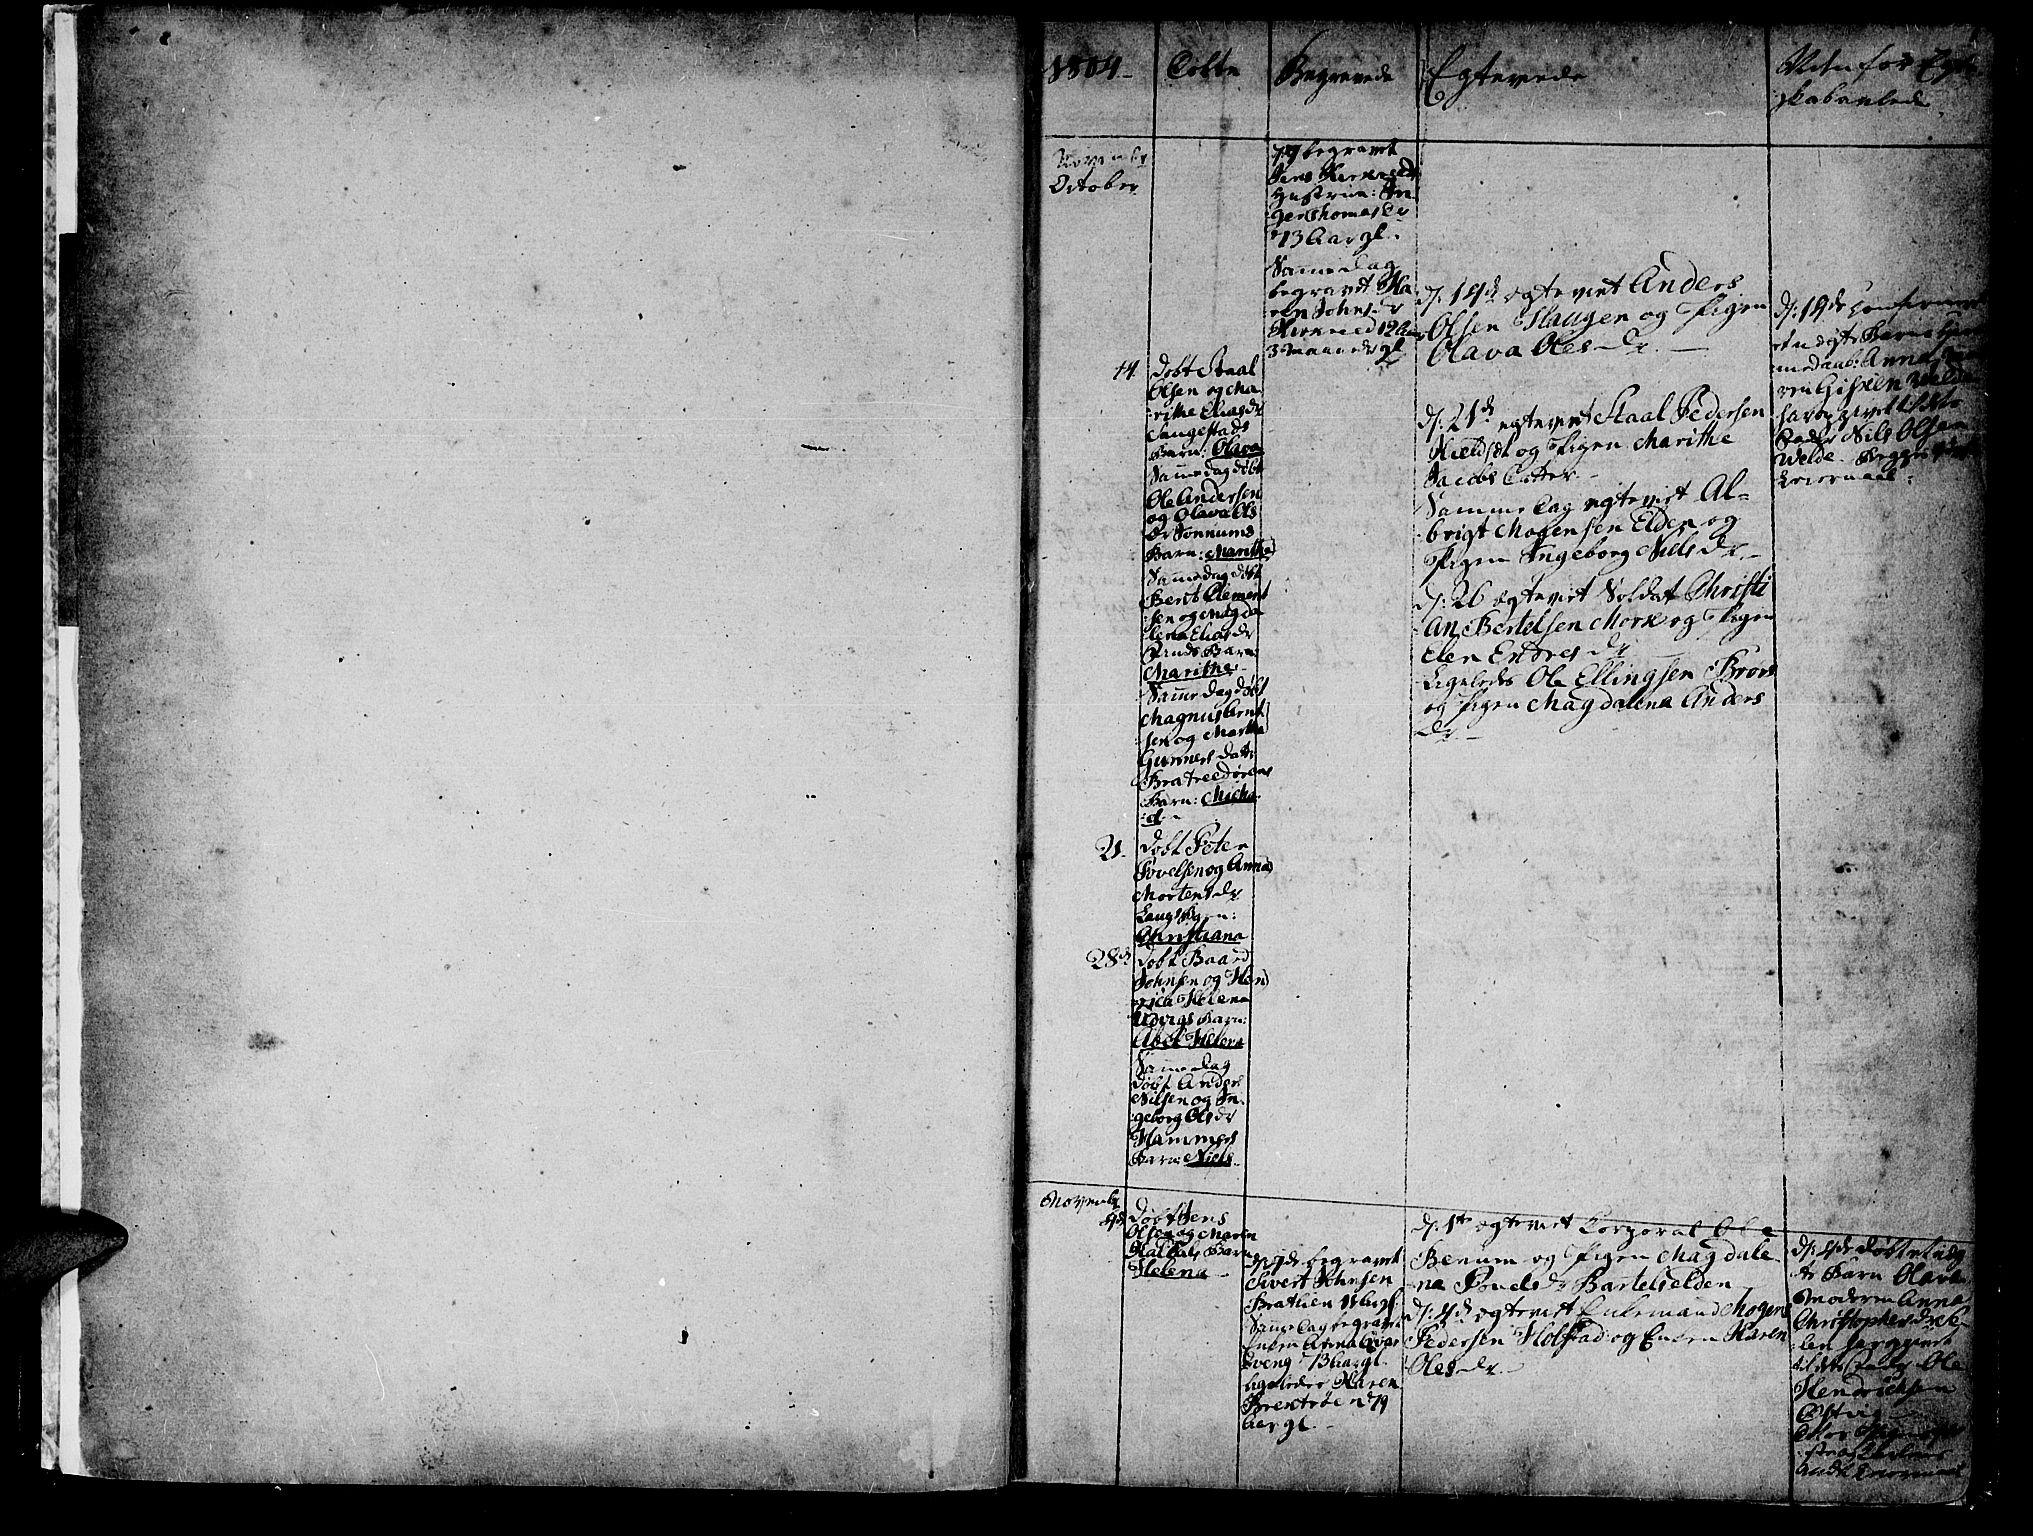 SAT, Ministerialprotokoller, klokkerbøker og fødselsregistre - Nord-Trøndelag, 741/L0386: Ministerialbok nr. 741A02, 1804-1816, s. 0-1